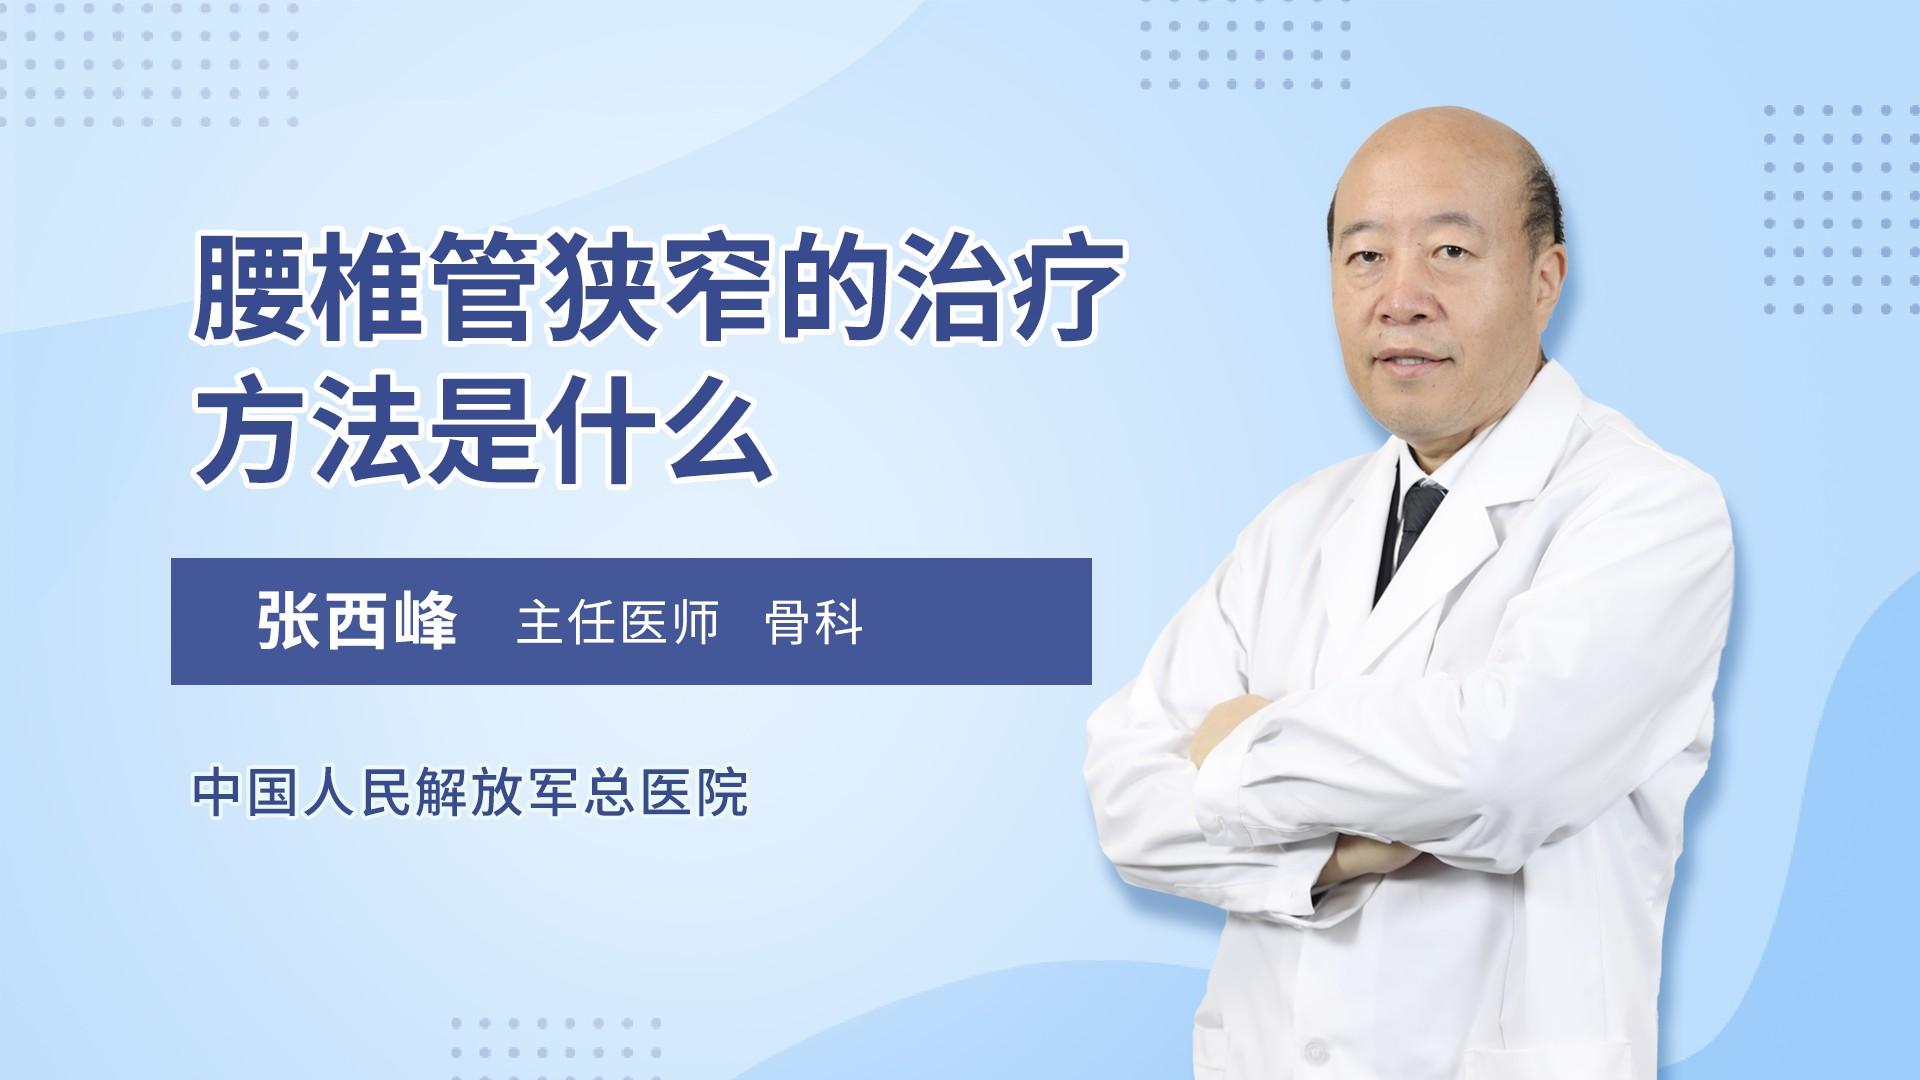 腰椎管狭窄的治疗方法是什么